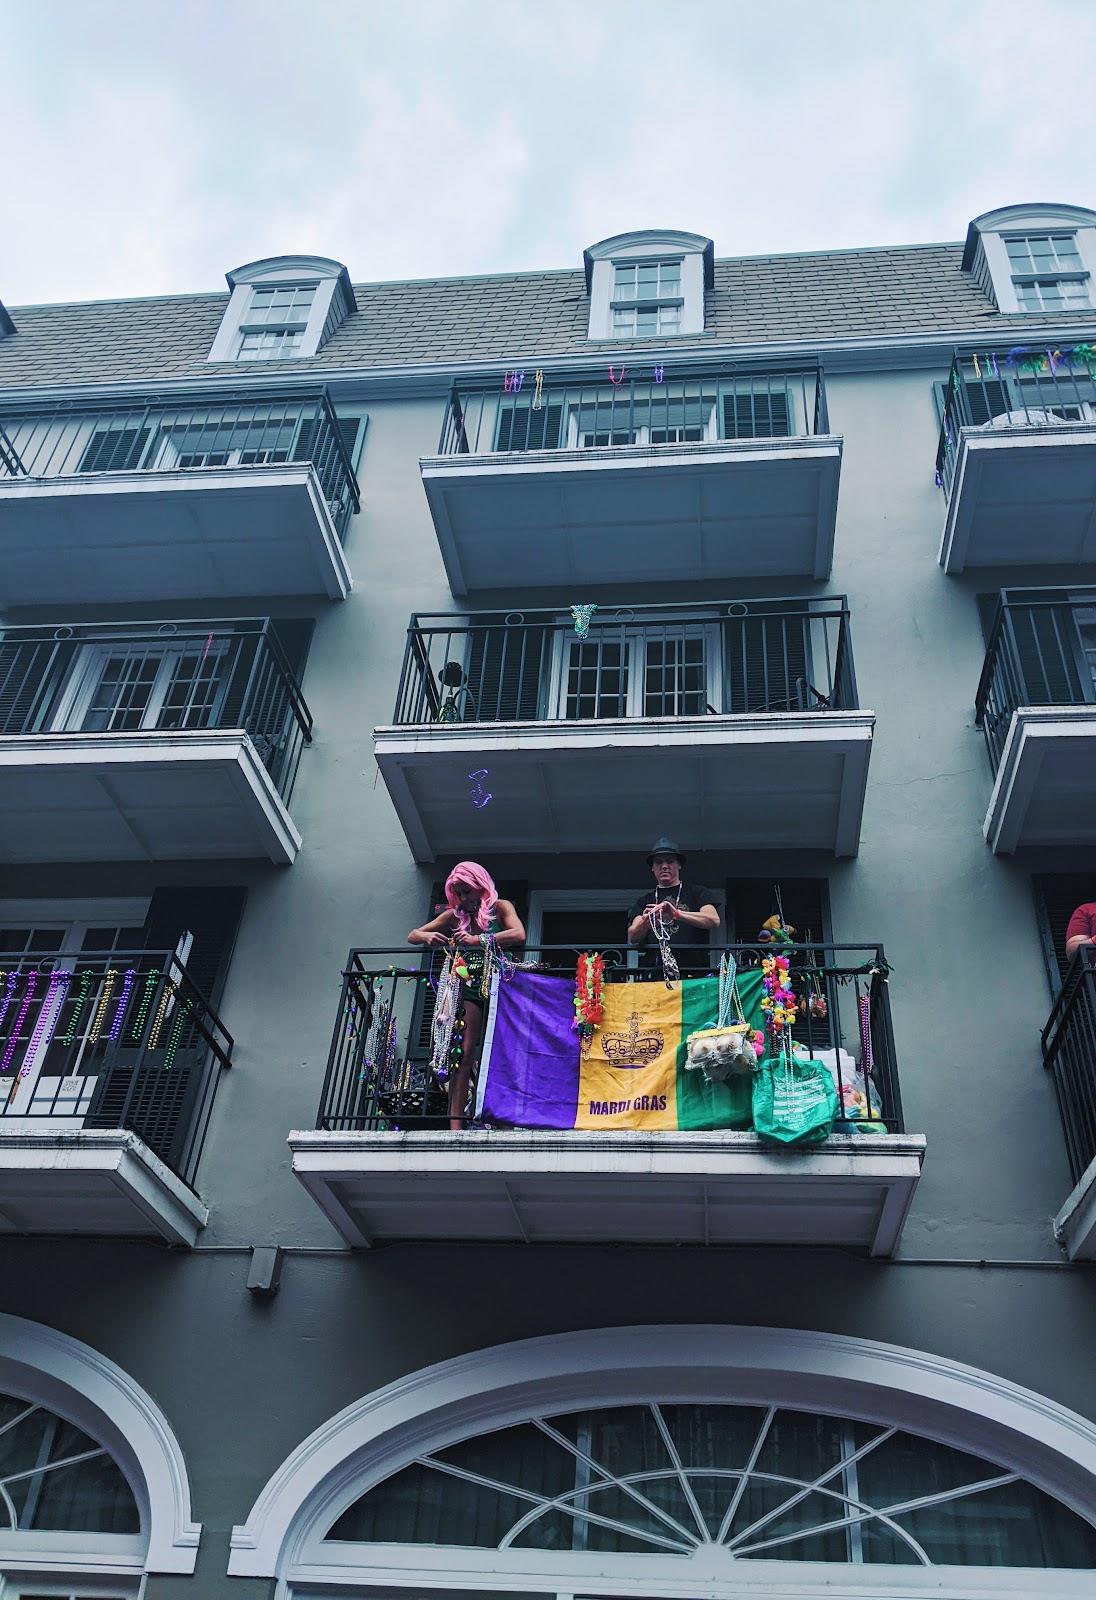 מרדי גרא המלצות מה יש לעשות לסוע לניו אורלינס